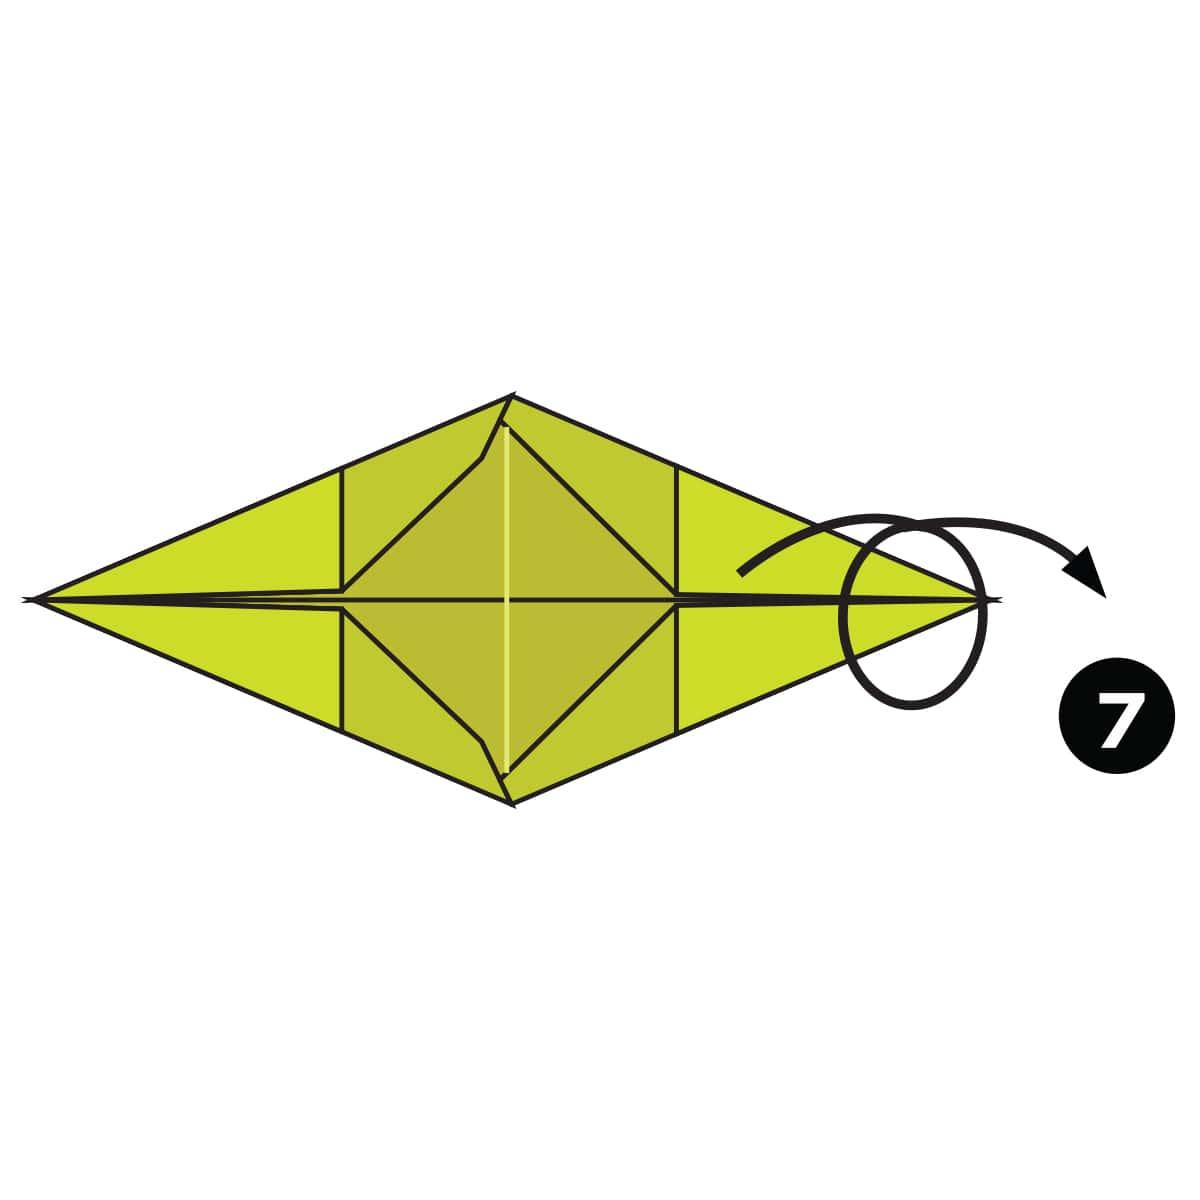 Chameleon Step 7